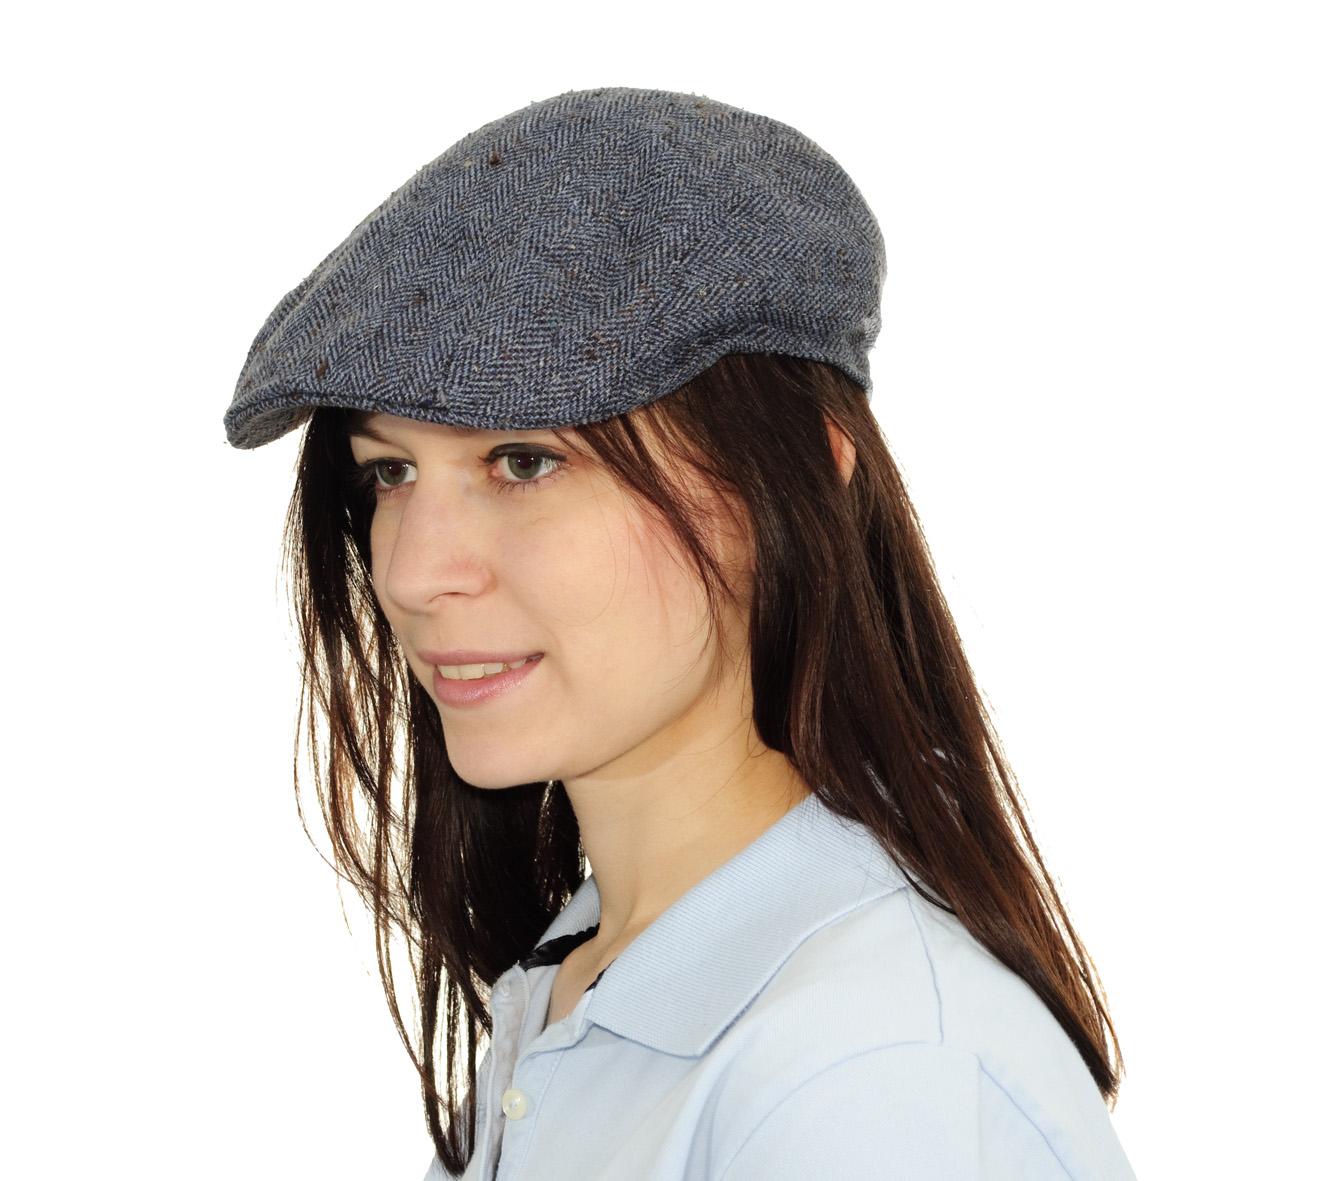 ... stylová hedvábná čepice v šedé barvě. Stetson Madison 875911ec55